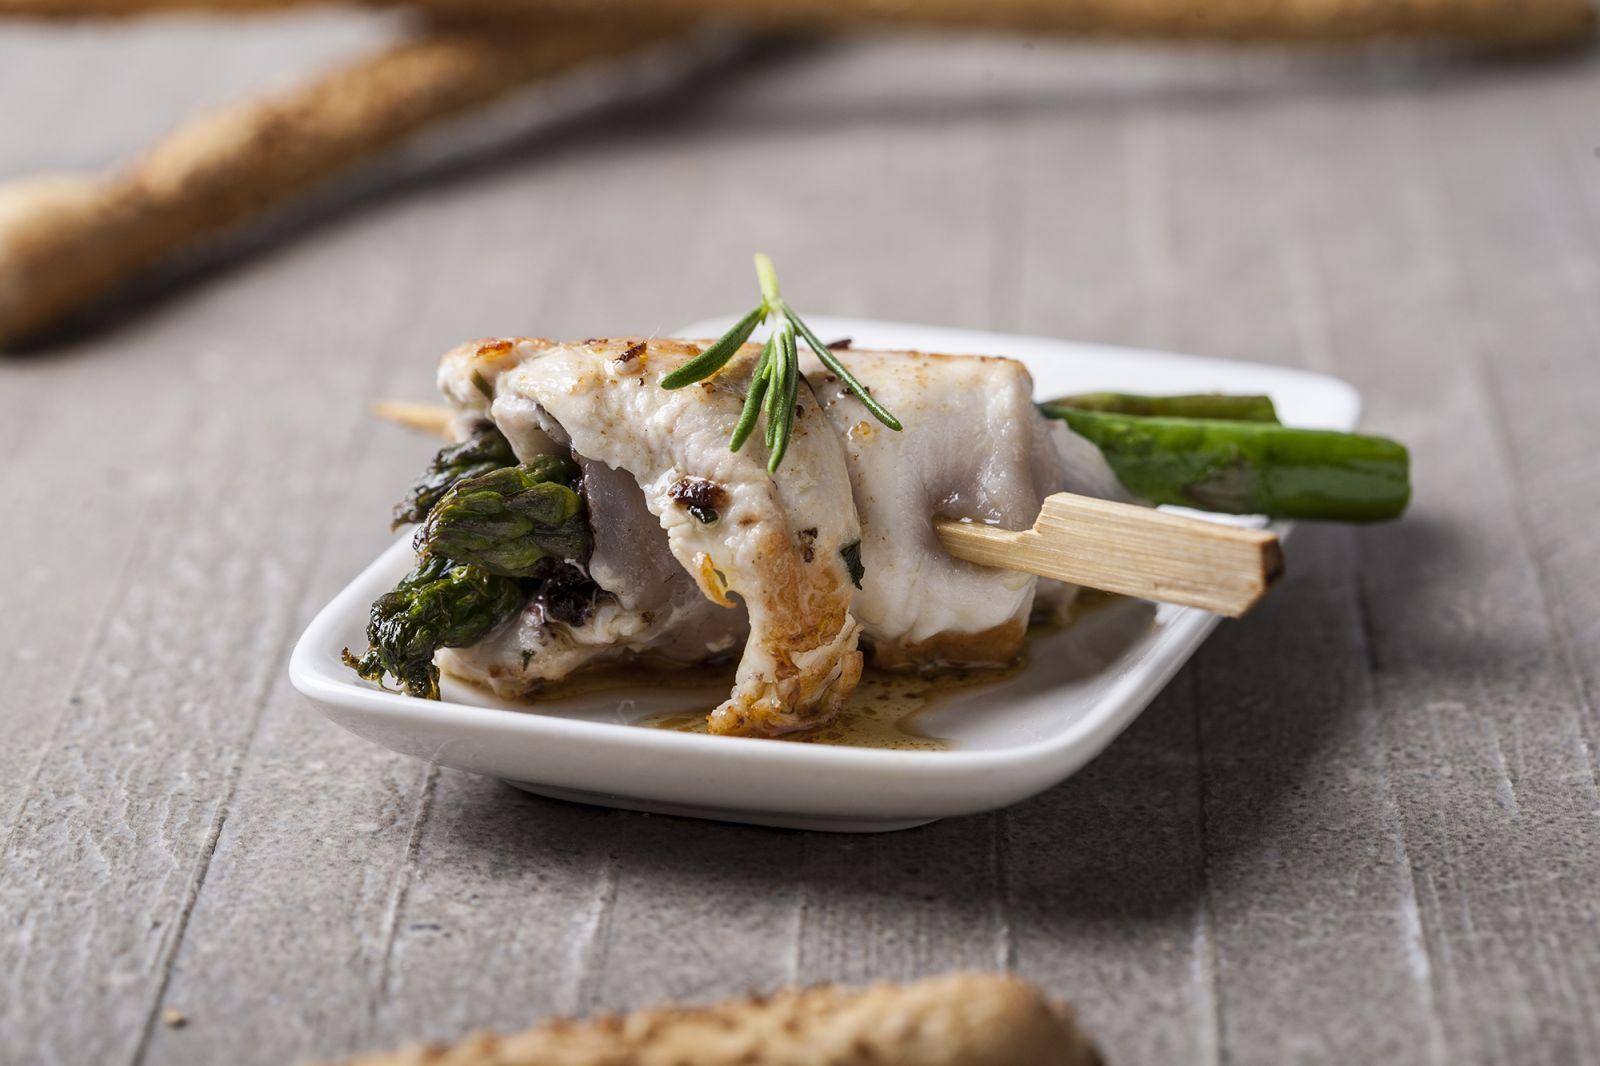 receta de brocheta de pollo y esparragos verdes